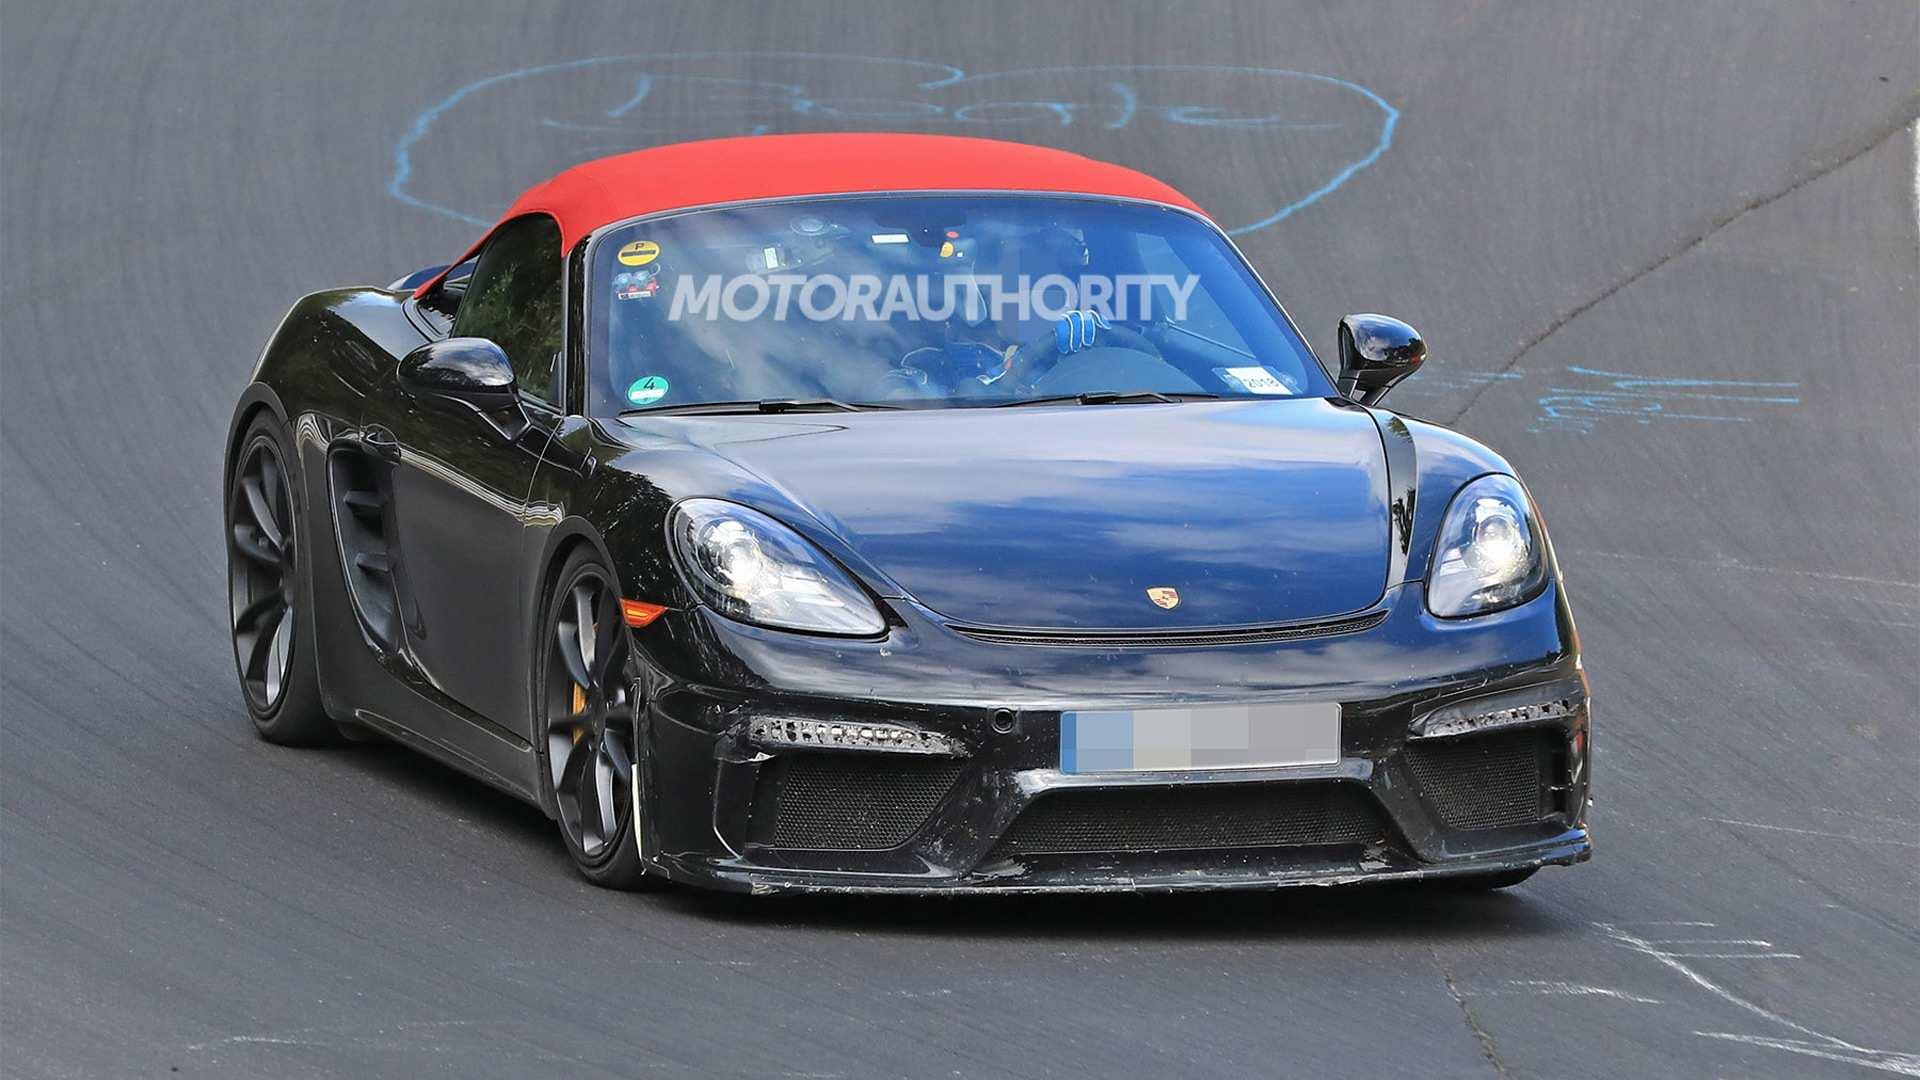 71 New 2020 Porsche Boxster Prices for 2020 Porsche Boxster